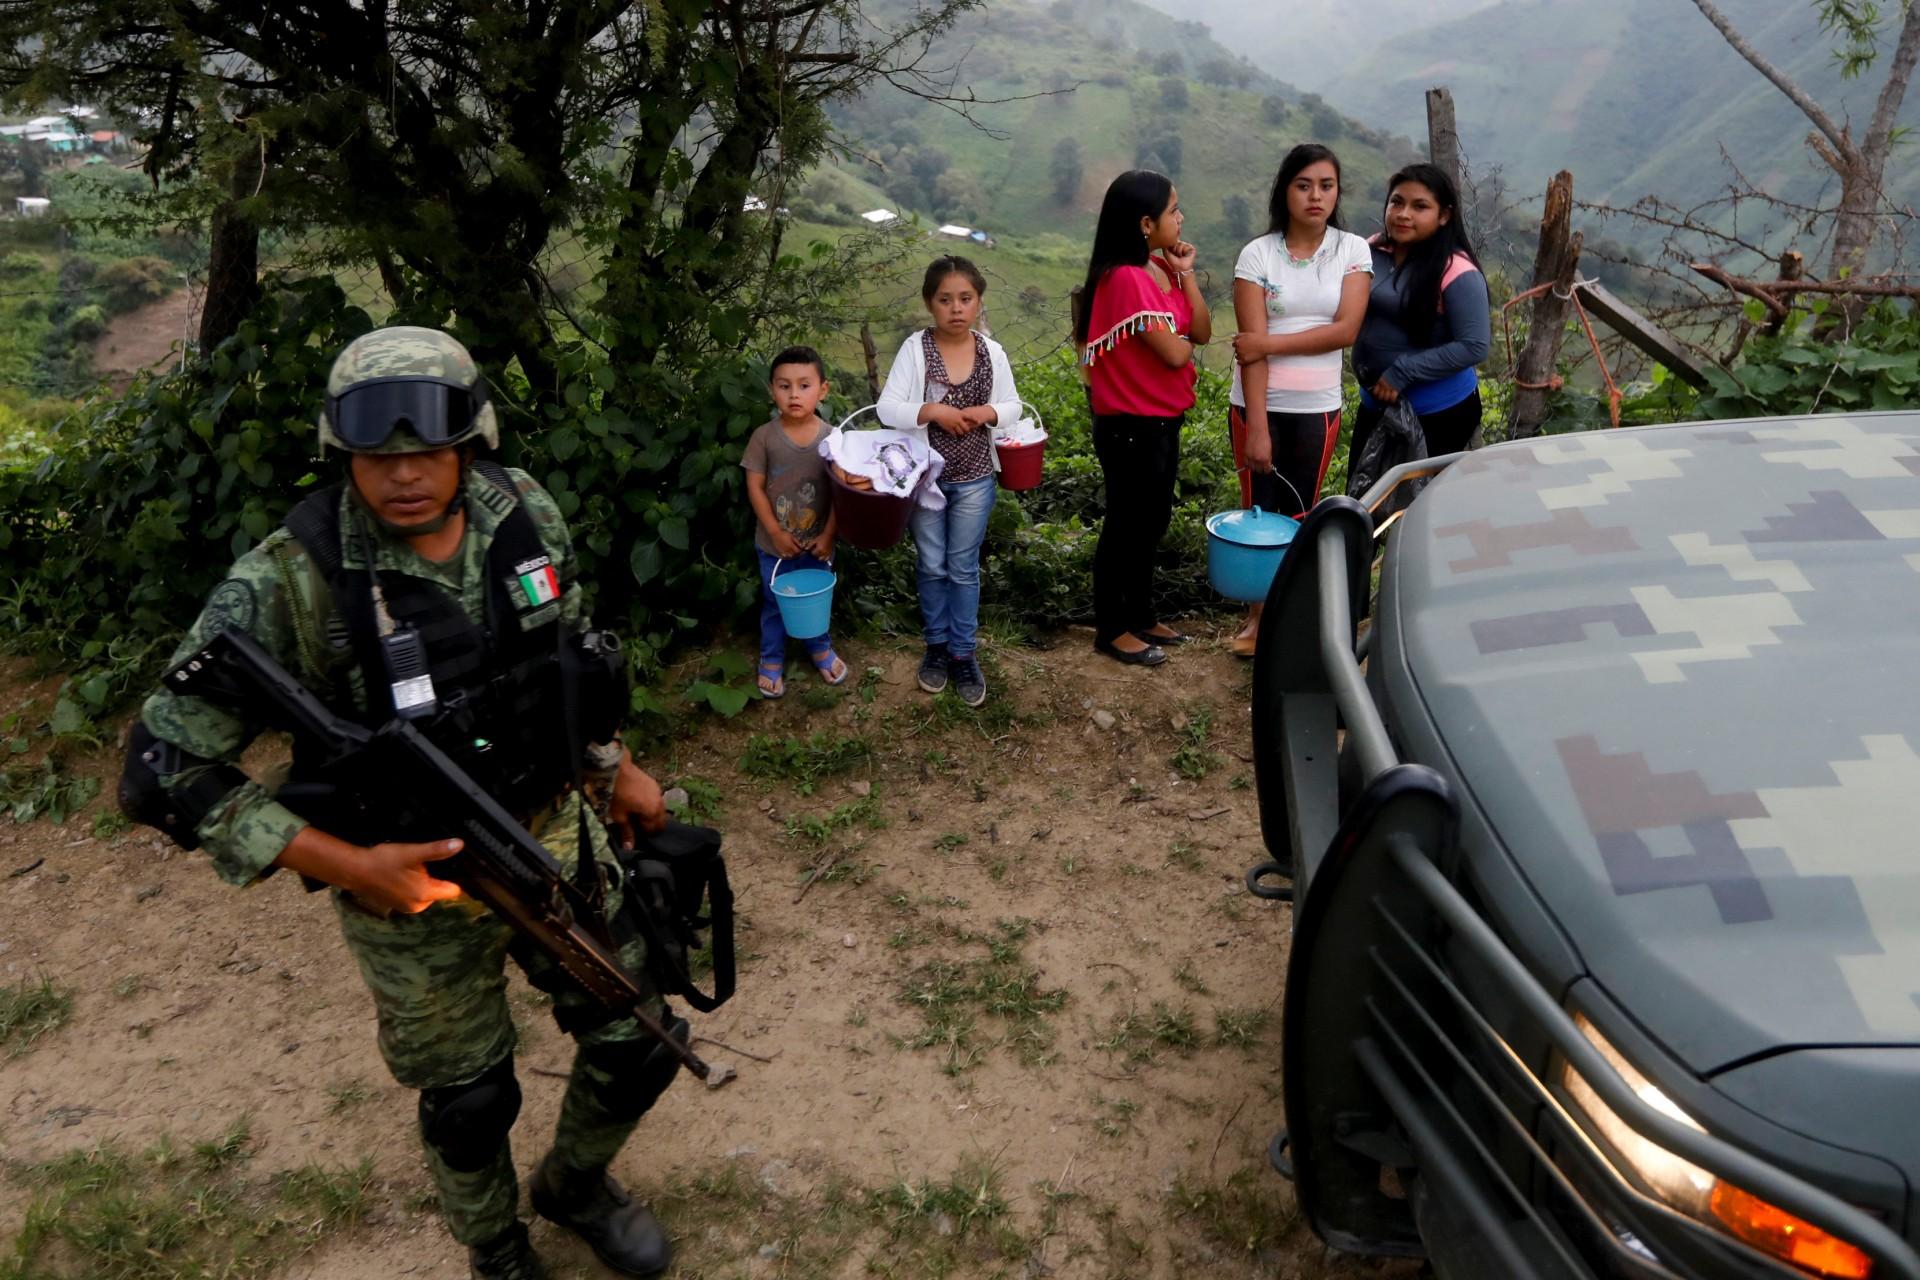 Un soldado se para cerca de los residentes cuando llega al área donde encontraron una plantación ilegal de opio en la Sierra Madre del Sur, en el estado sureño de Guerrero, México, el 24 de agosto de 2018.